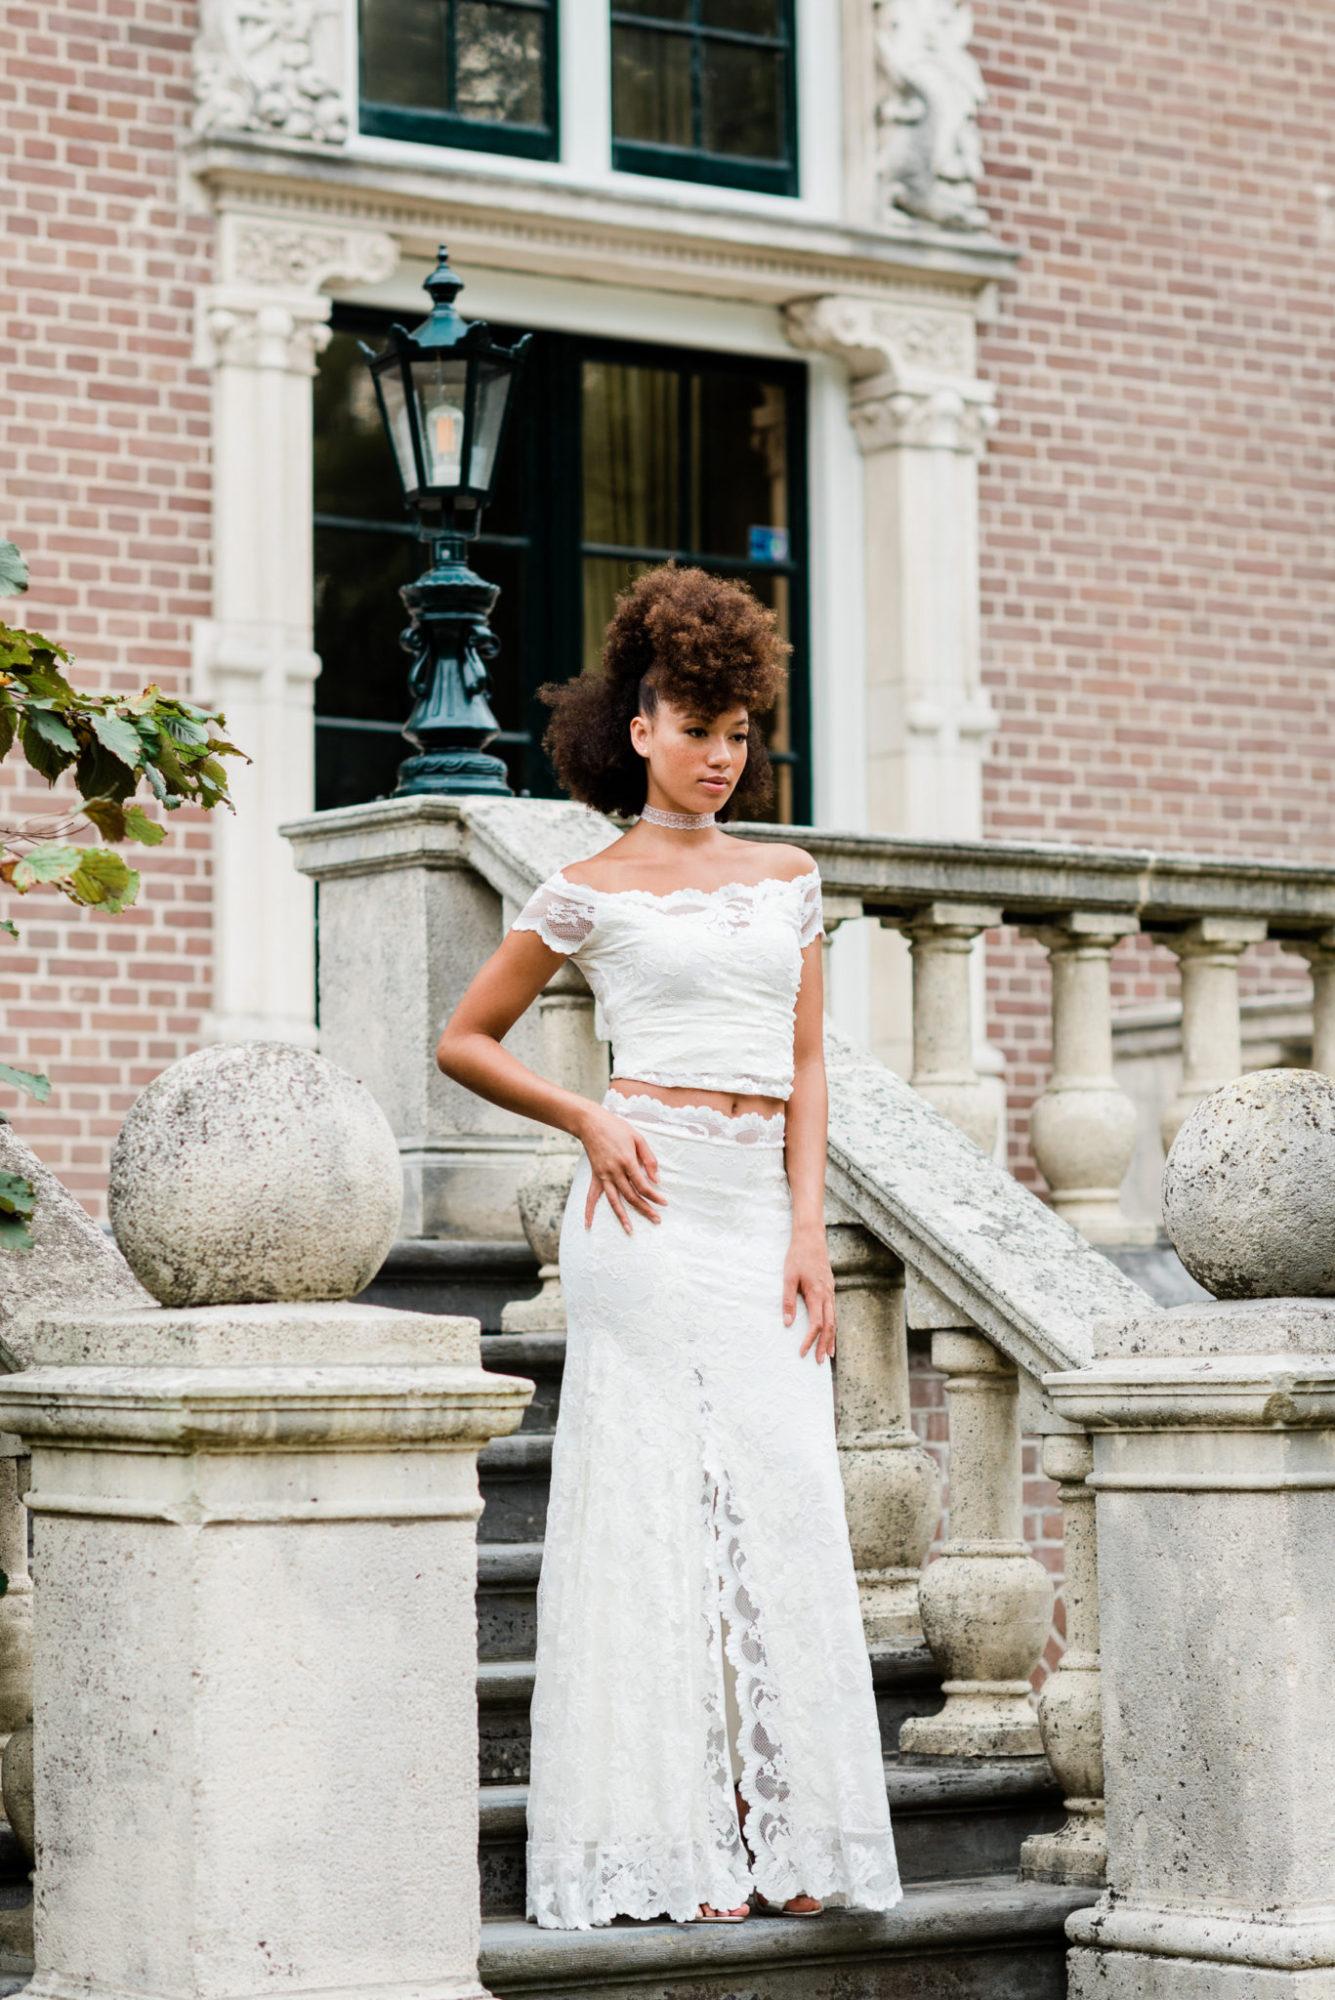 Trouwjurk Kant Strak.Styled Shoot Met De Nieuwste Trendy Bruidsjurken Van Os